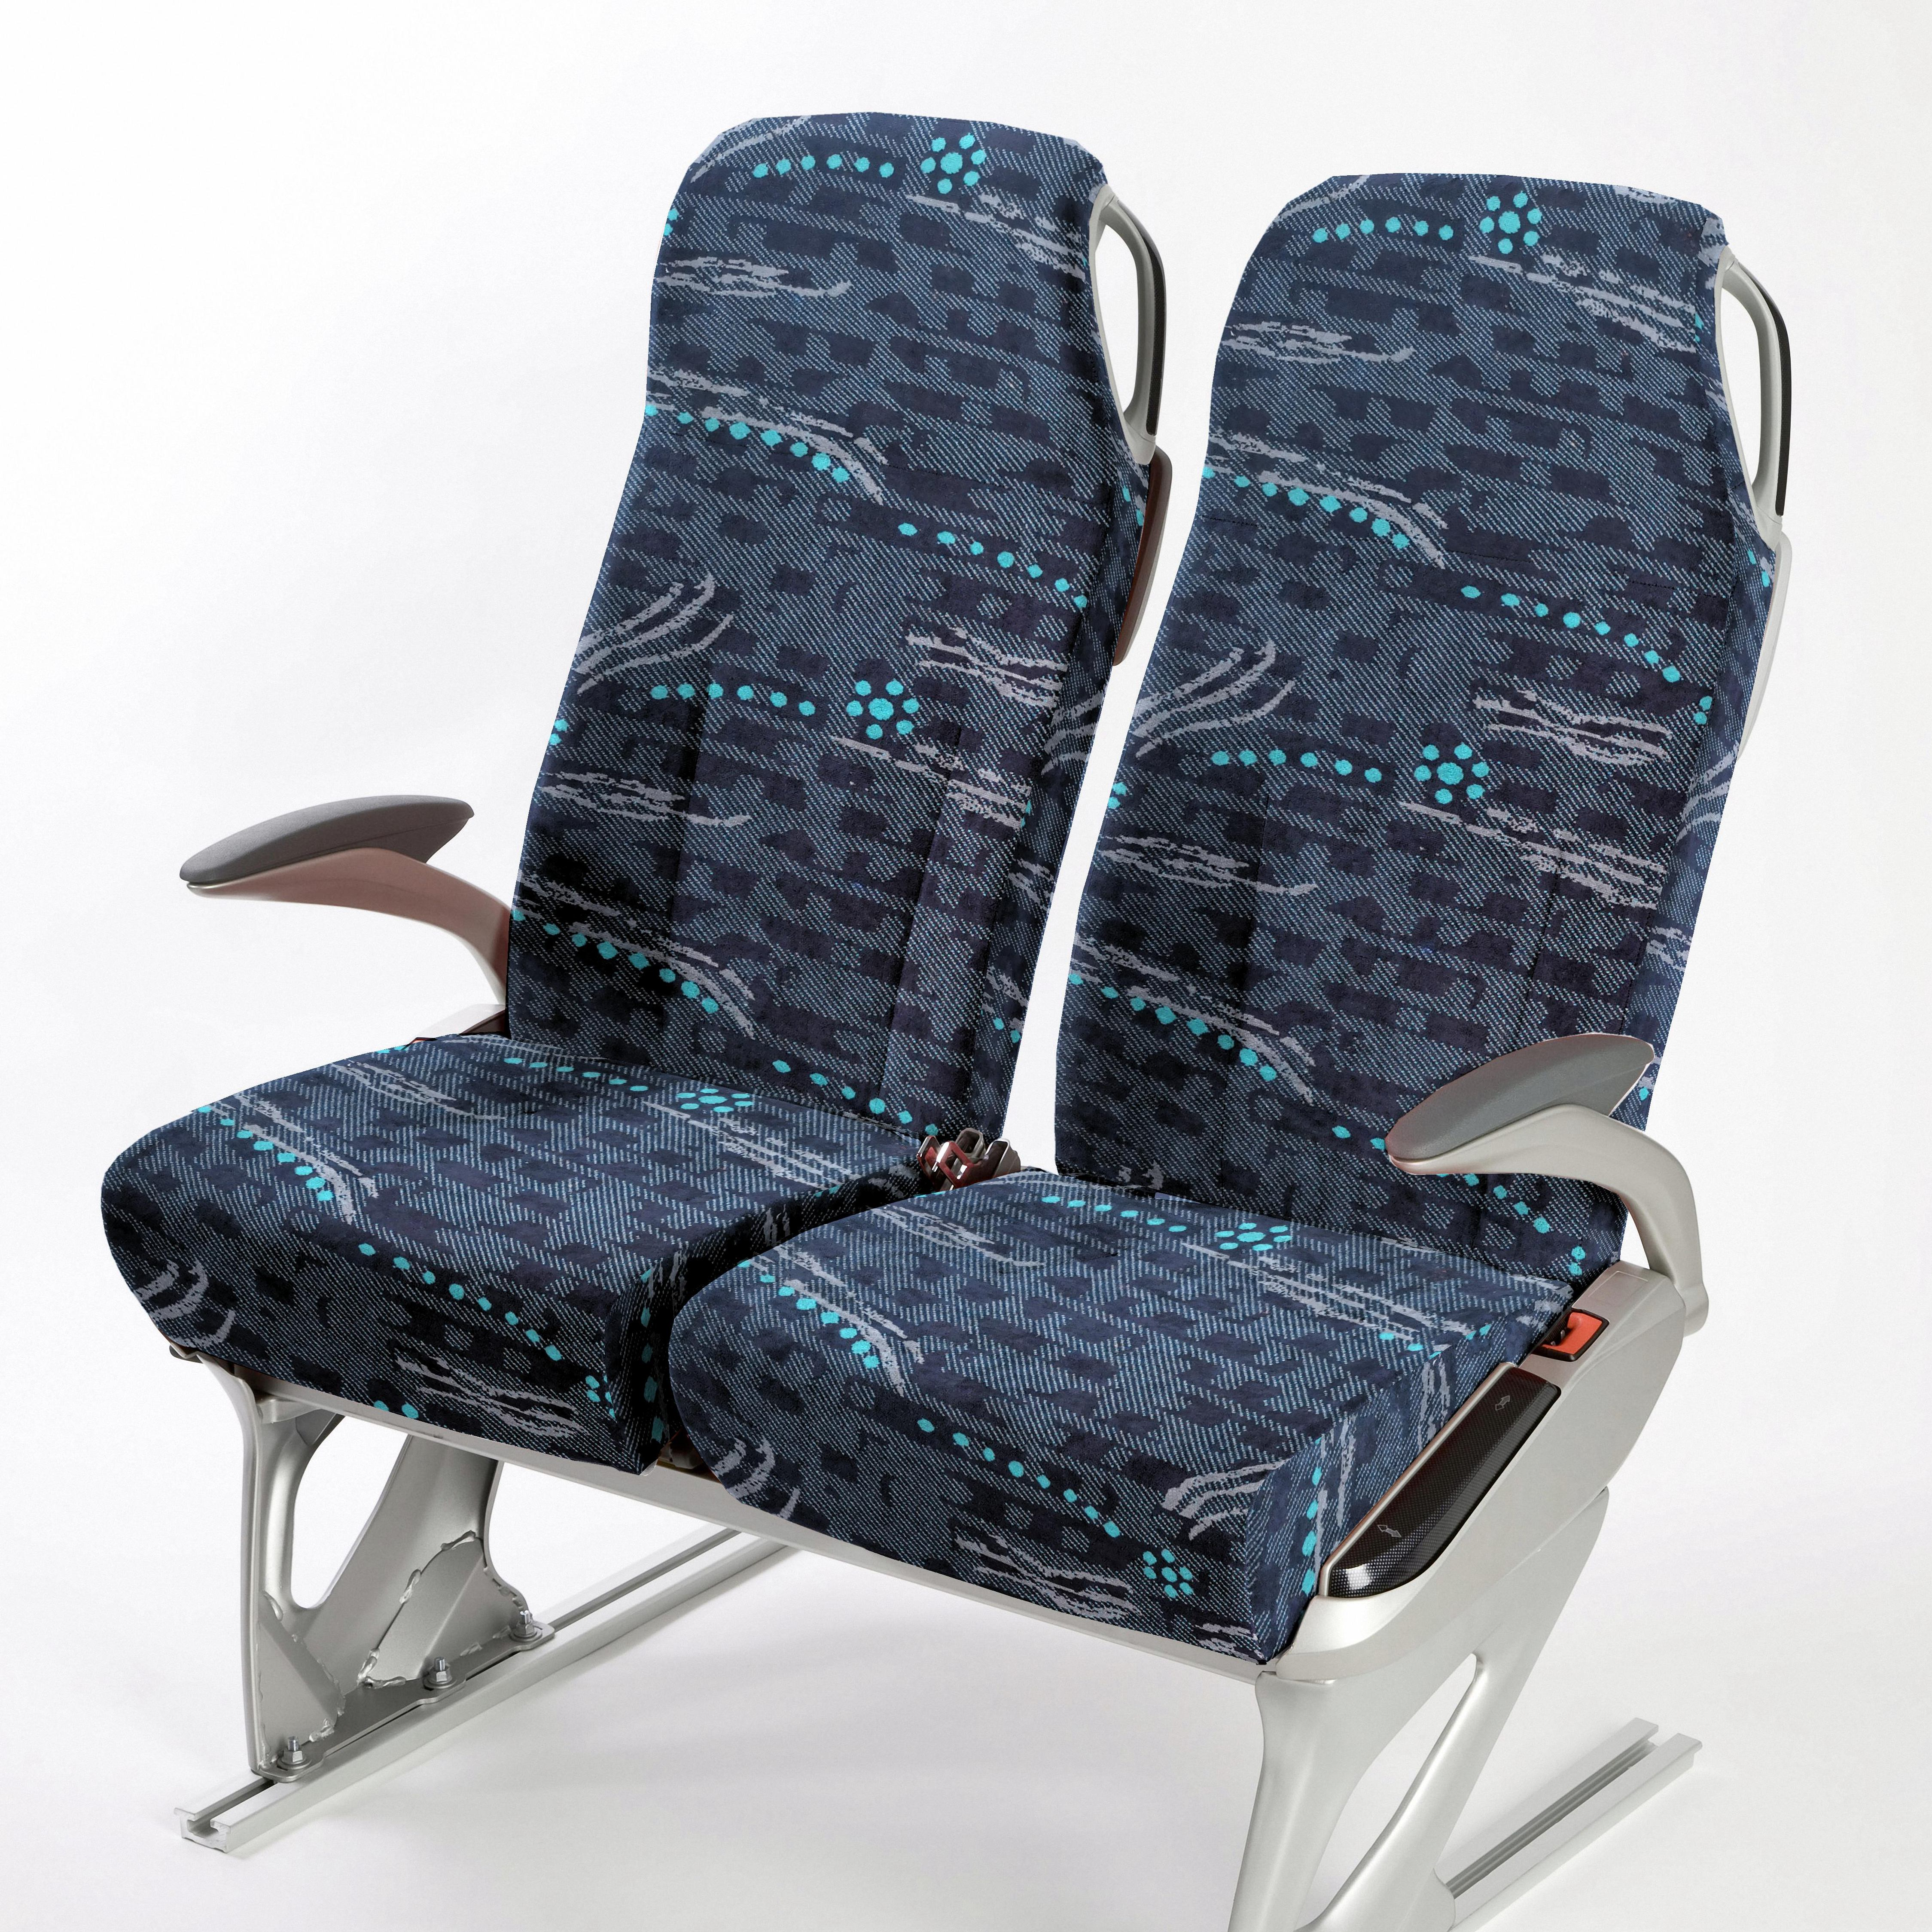 Фабричная дешевая цена, оптовая продажа, жаккардовая ткань с пеной для автомобильного сиденья/сиденья для автобуса